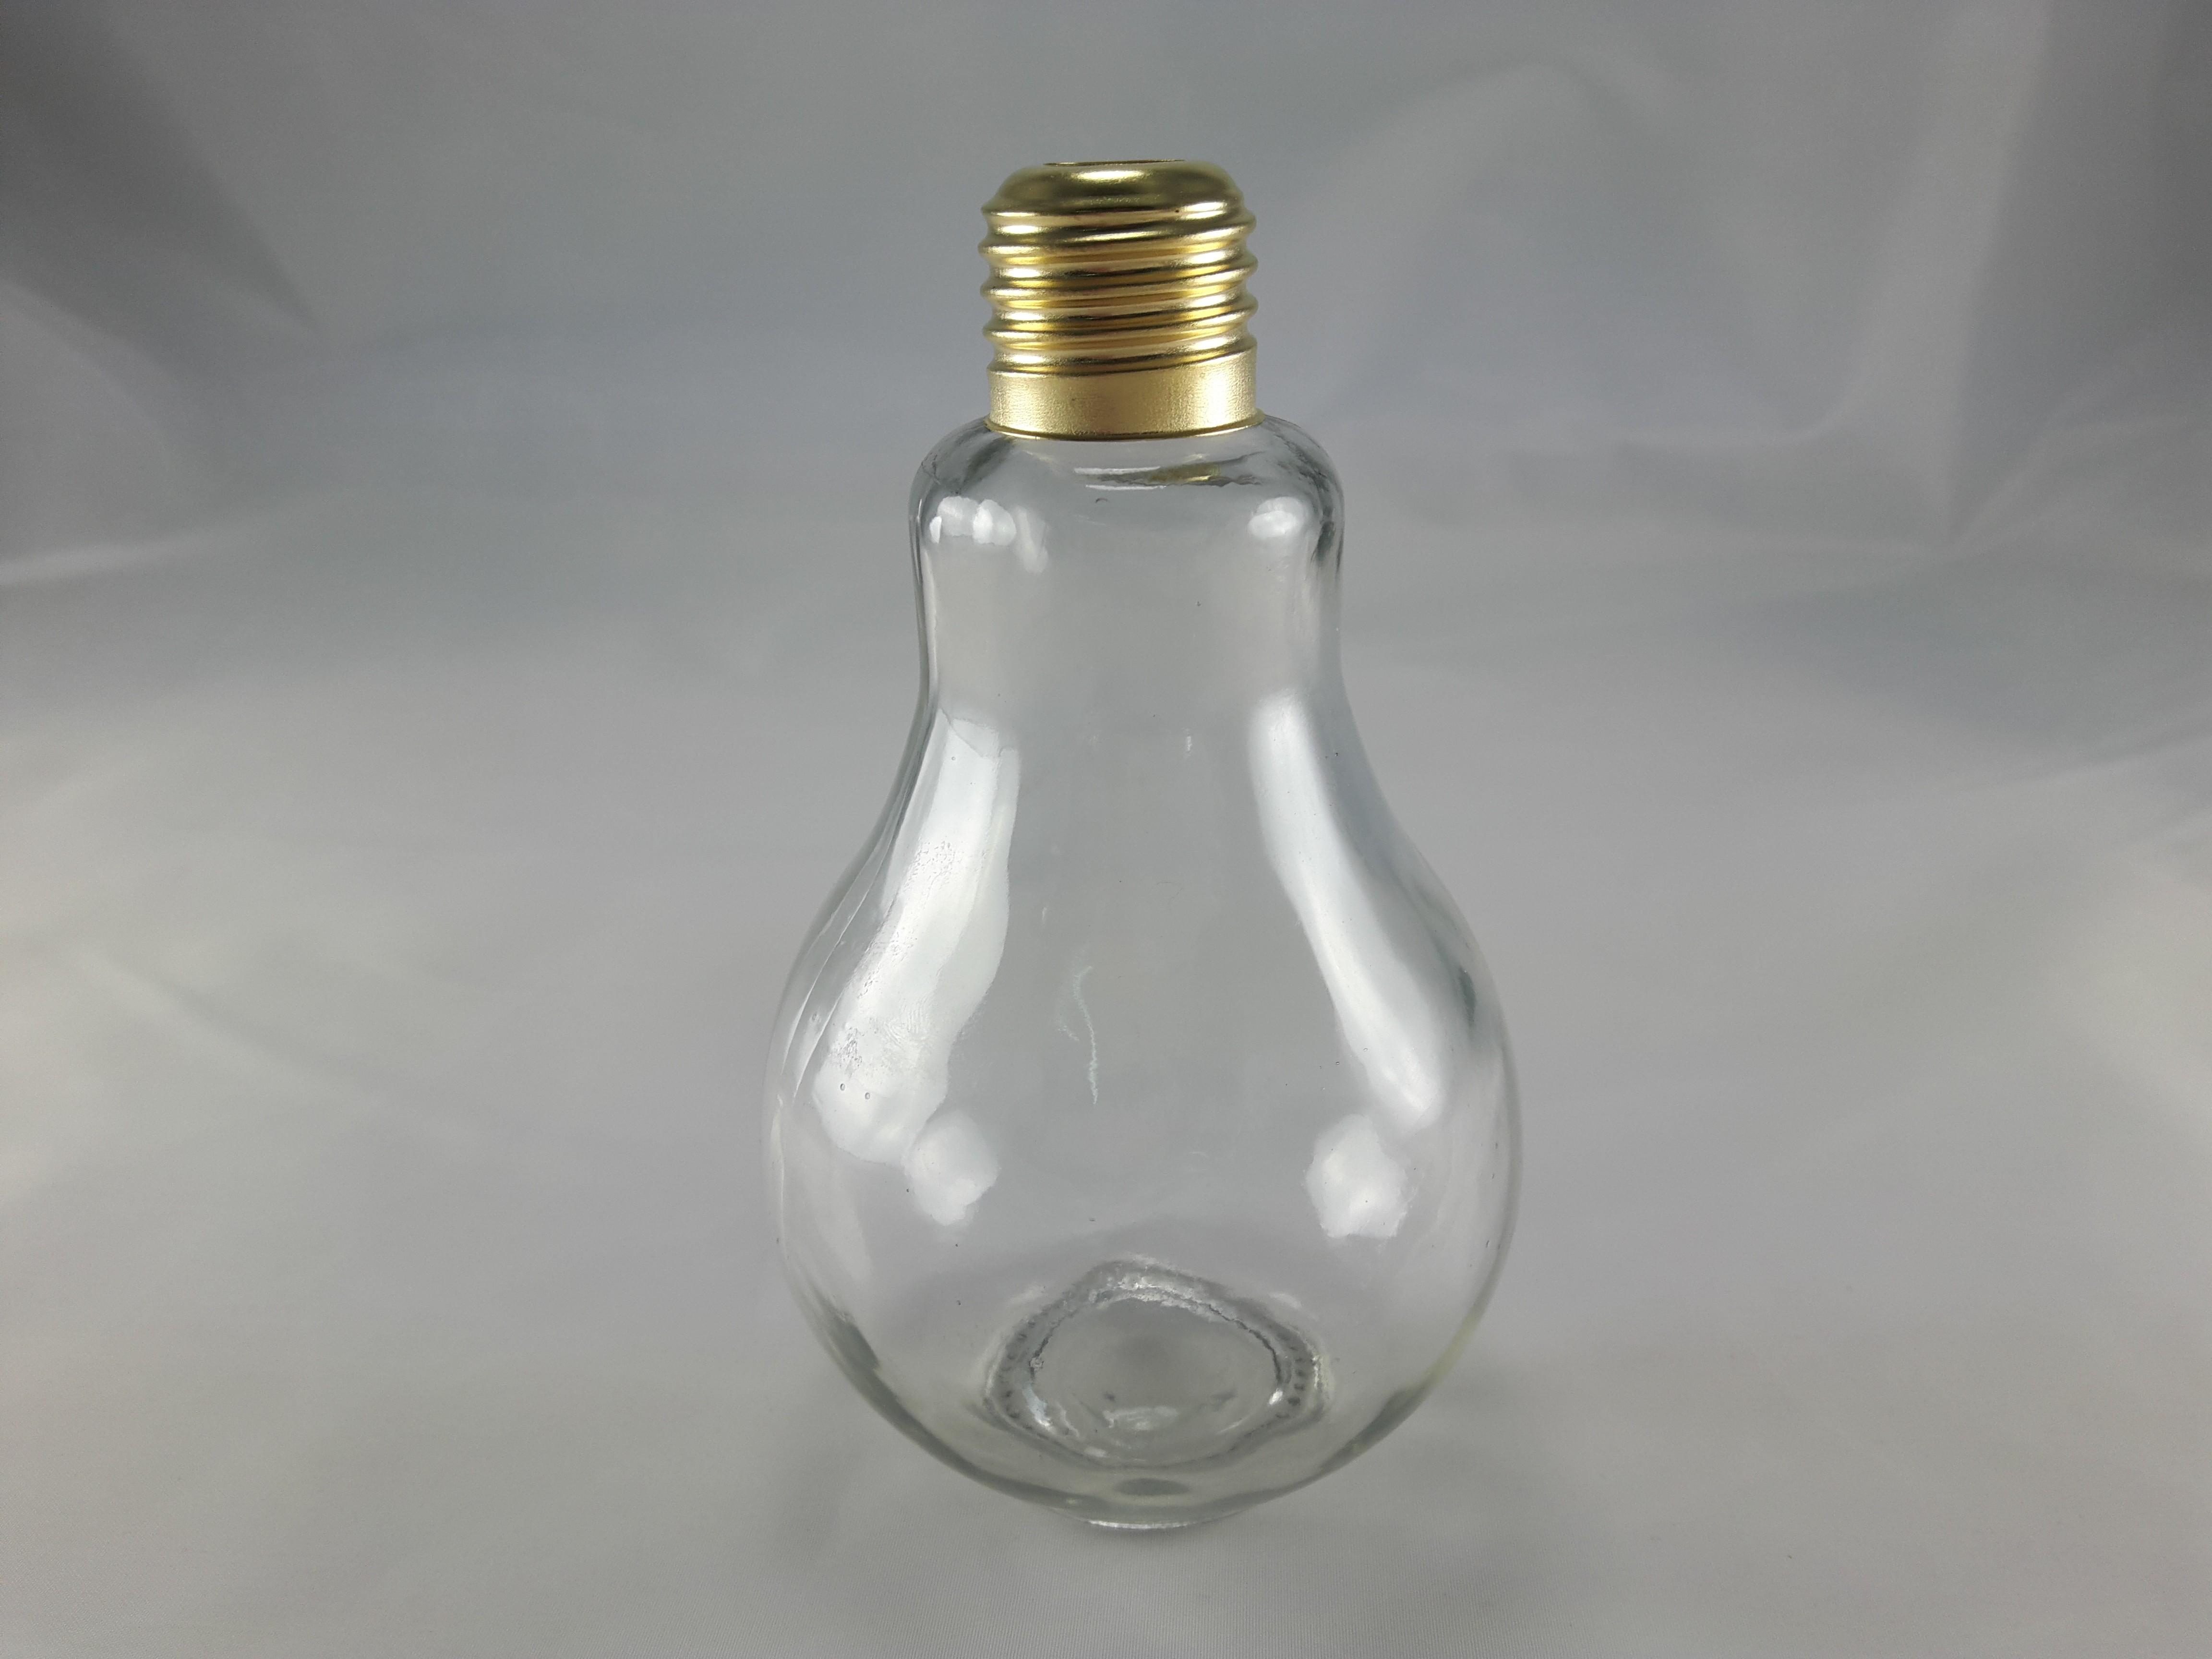 燈泡造型飲料瓶500ml(玻璃空瓶)